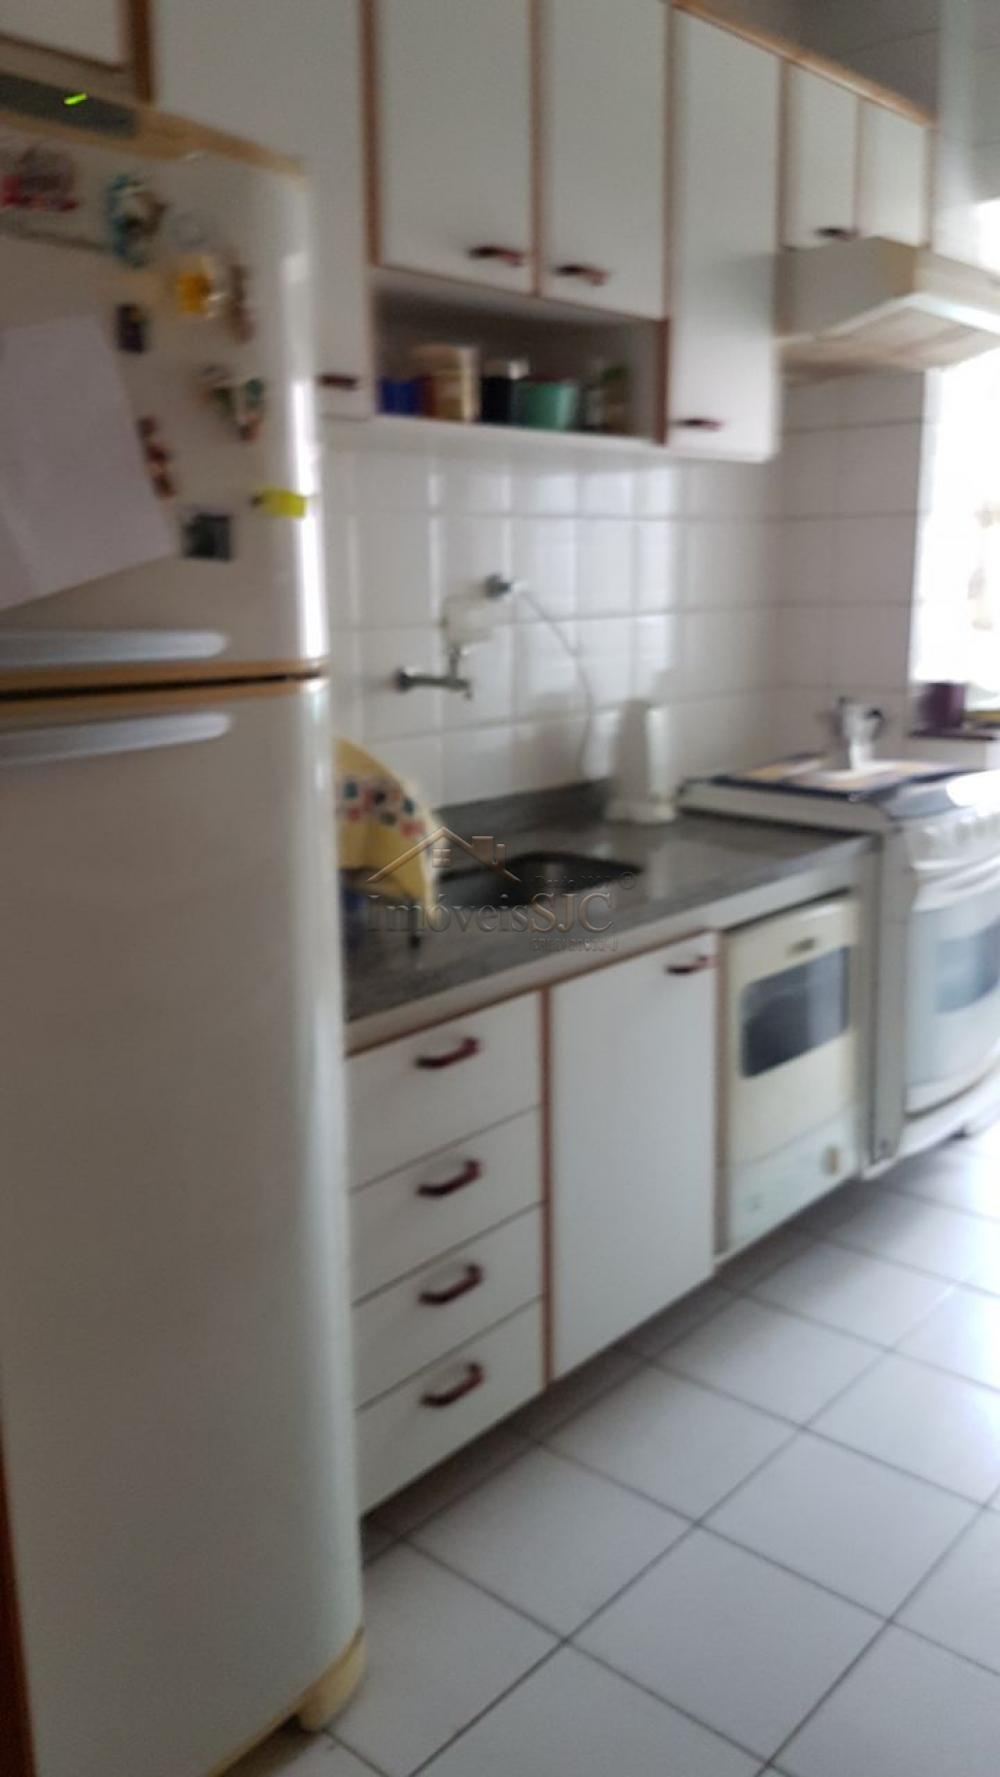 Comprar Apartamentos / Padrão em São José dos Campos apenas R$ 370.000,00 - Foto 5